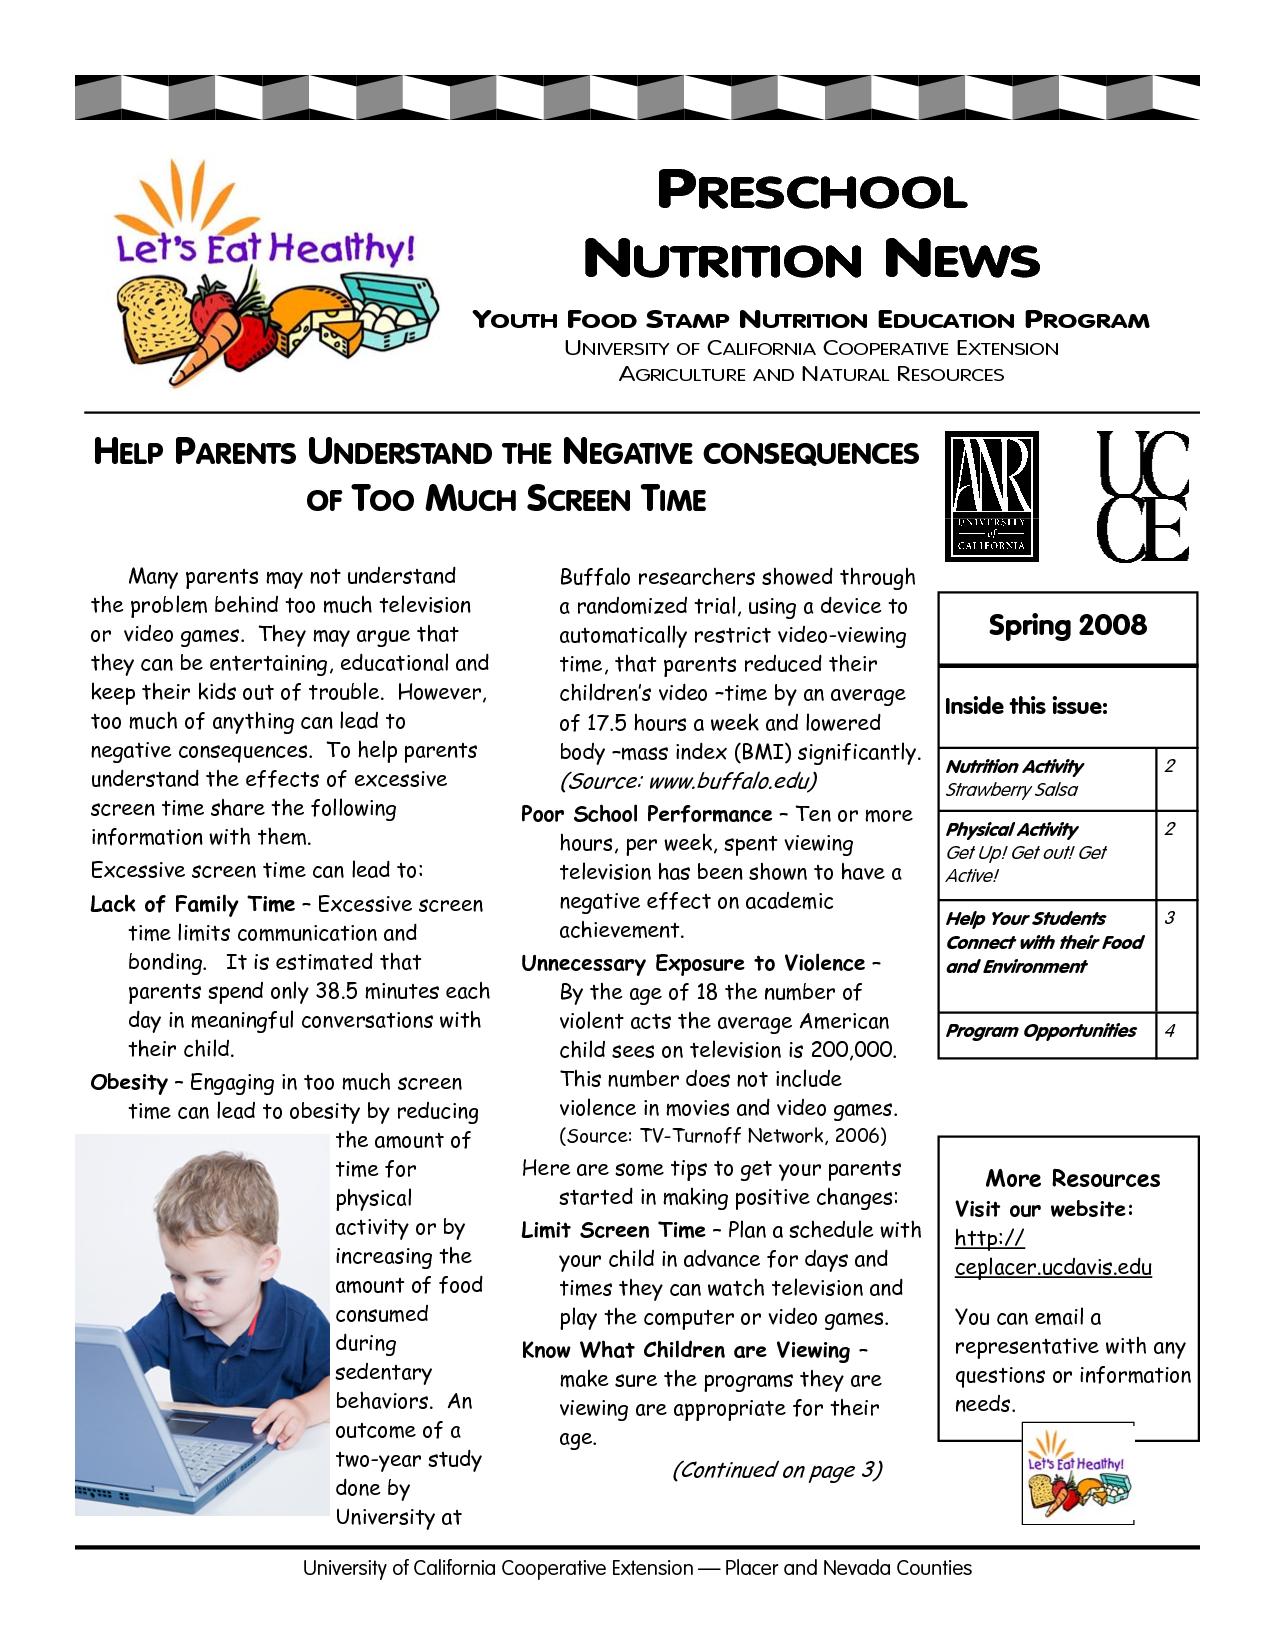 December School Newsletter Ideas  Informed About Classroom